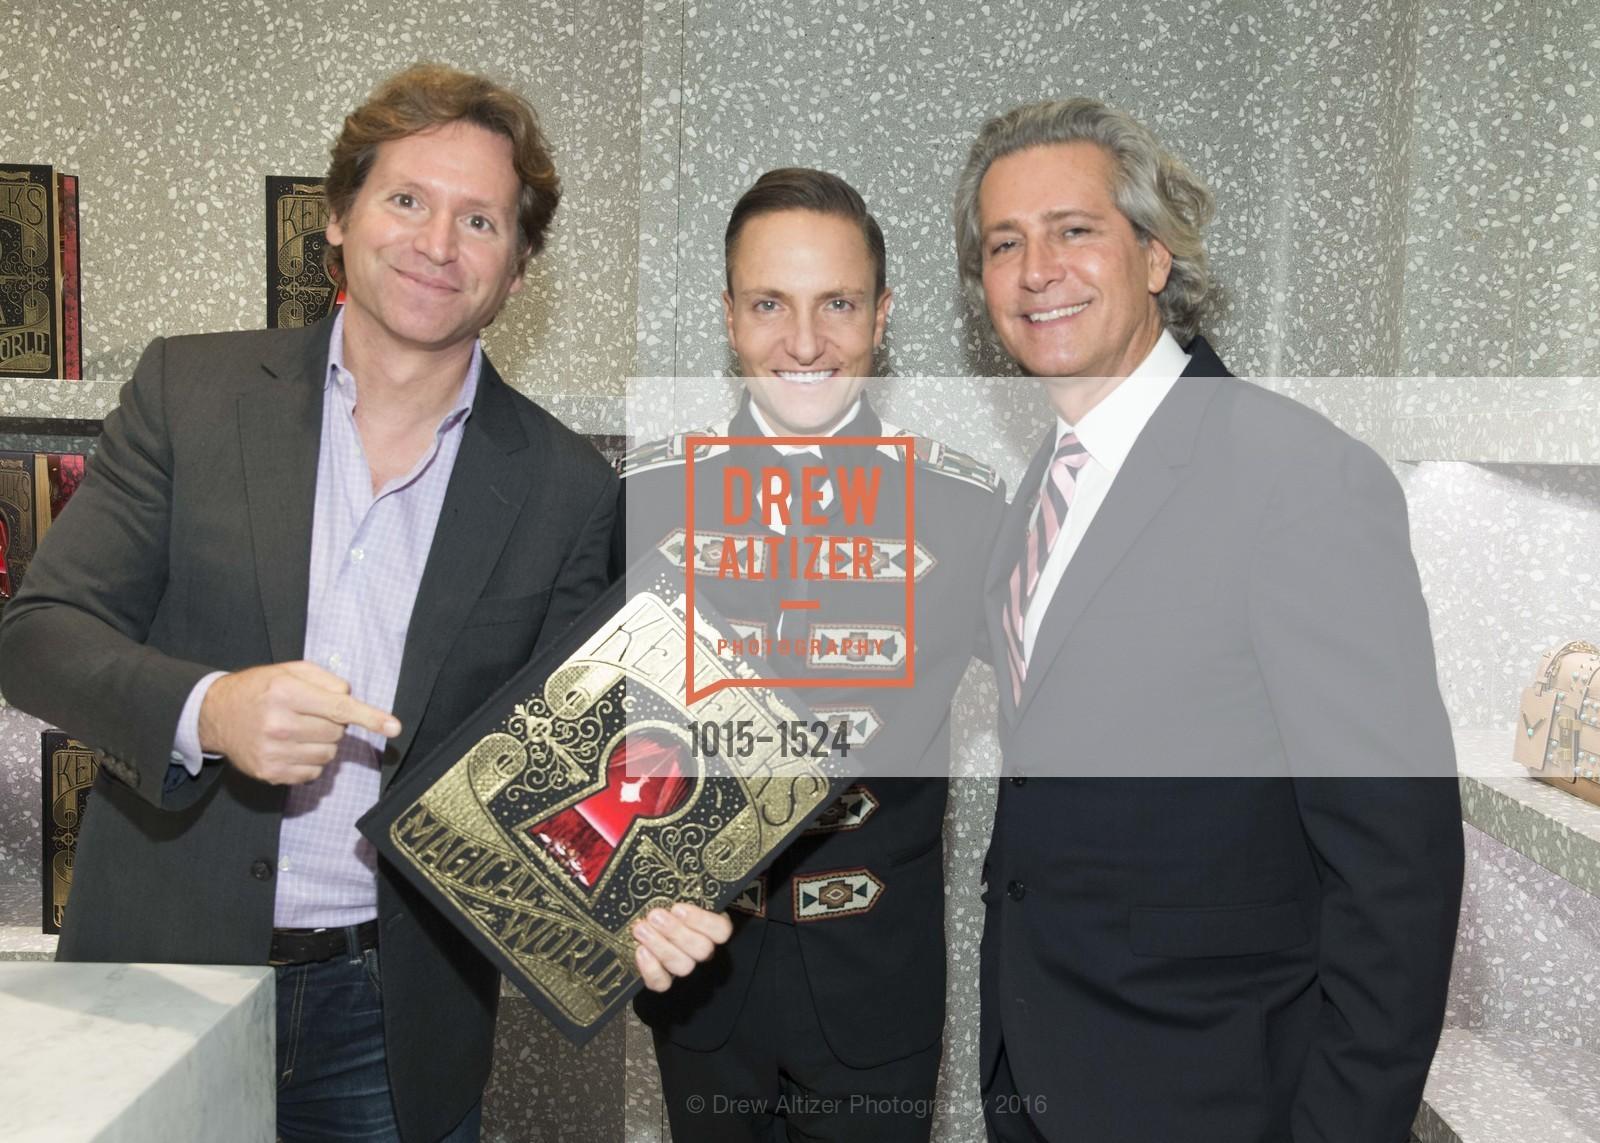 Trevor Traina, Ken Fulk, Carlos Souza, Photo #1015-1524